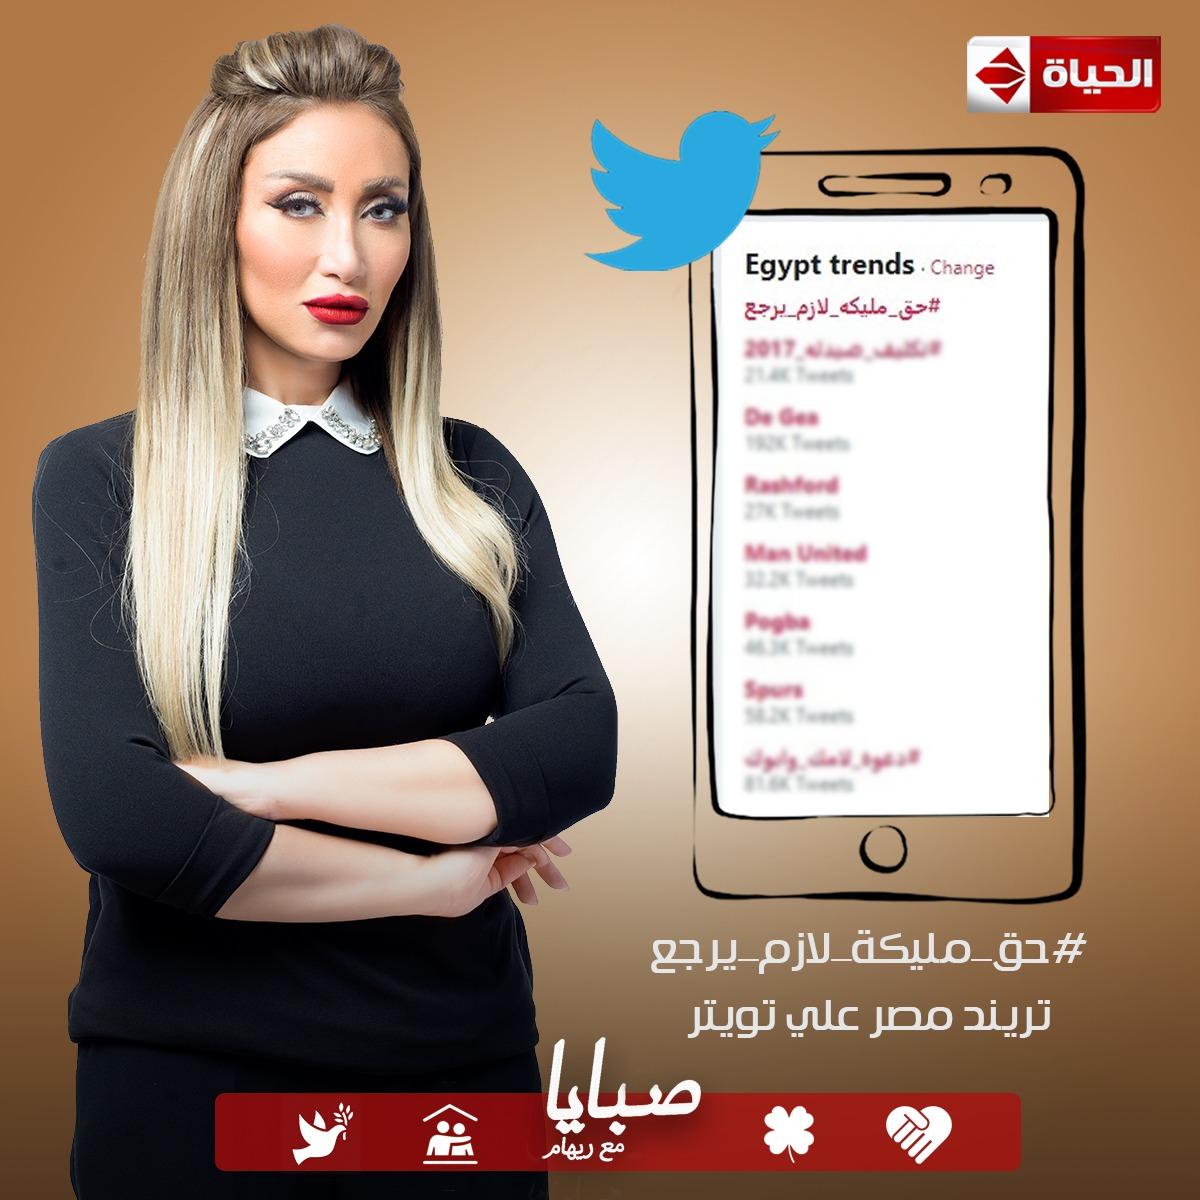 ريهام سعيد تريند بعد حلقتها المميزة فى صبايا